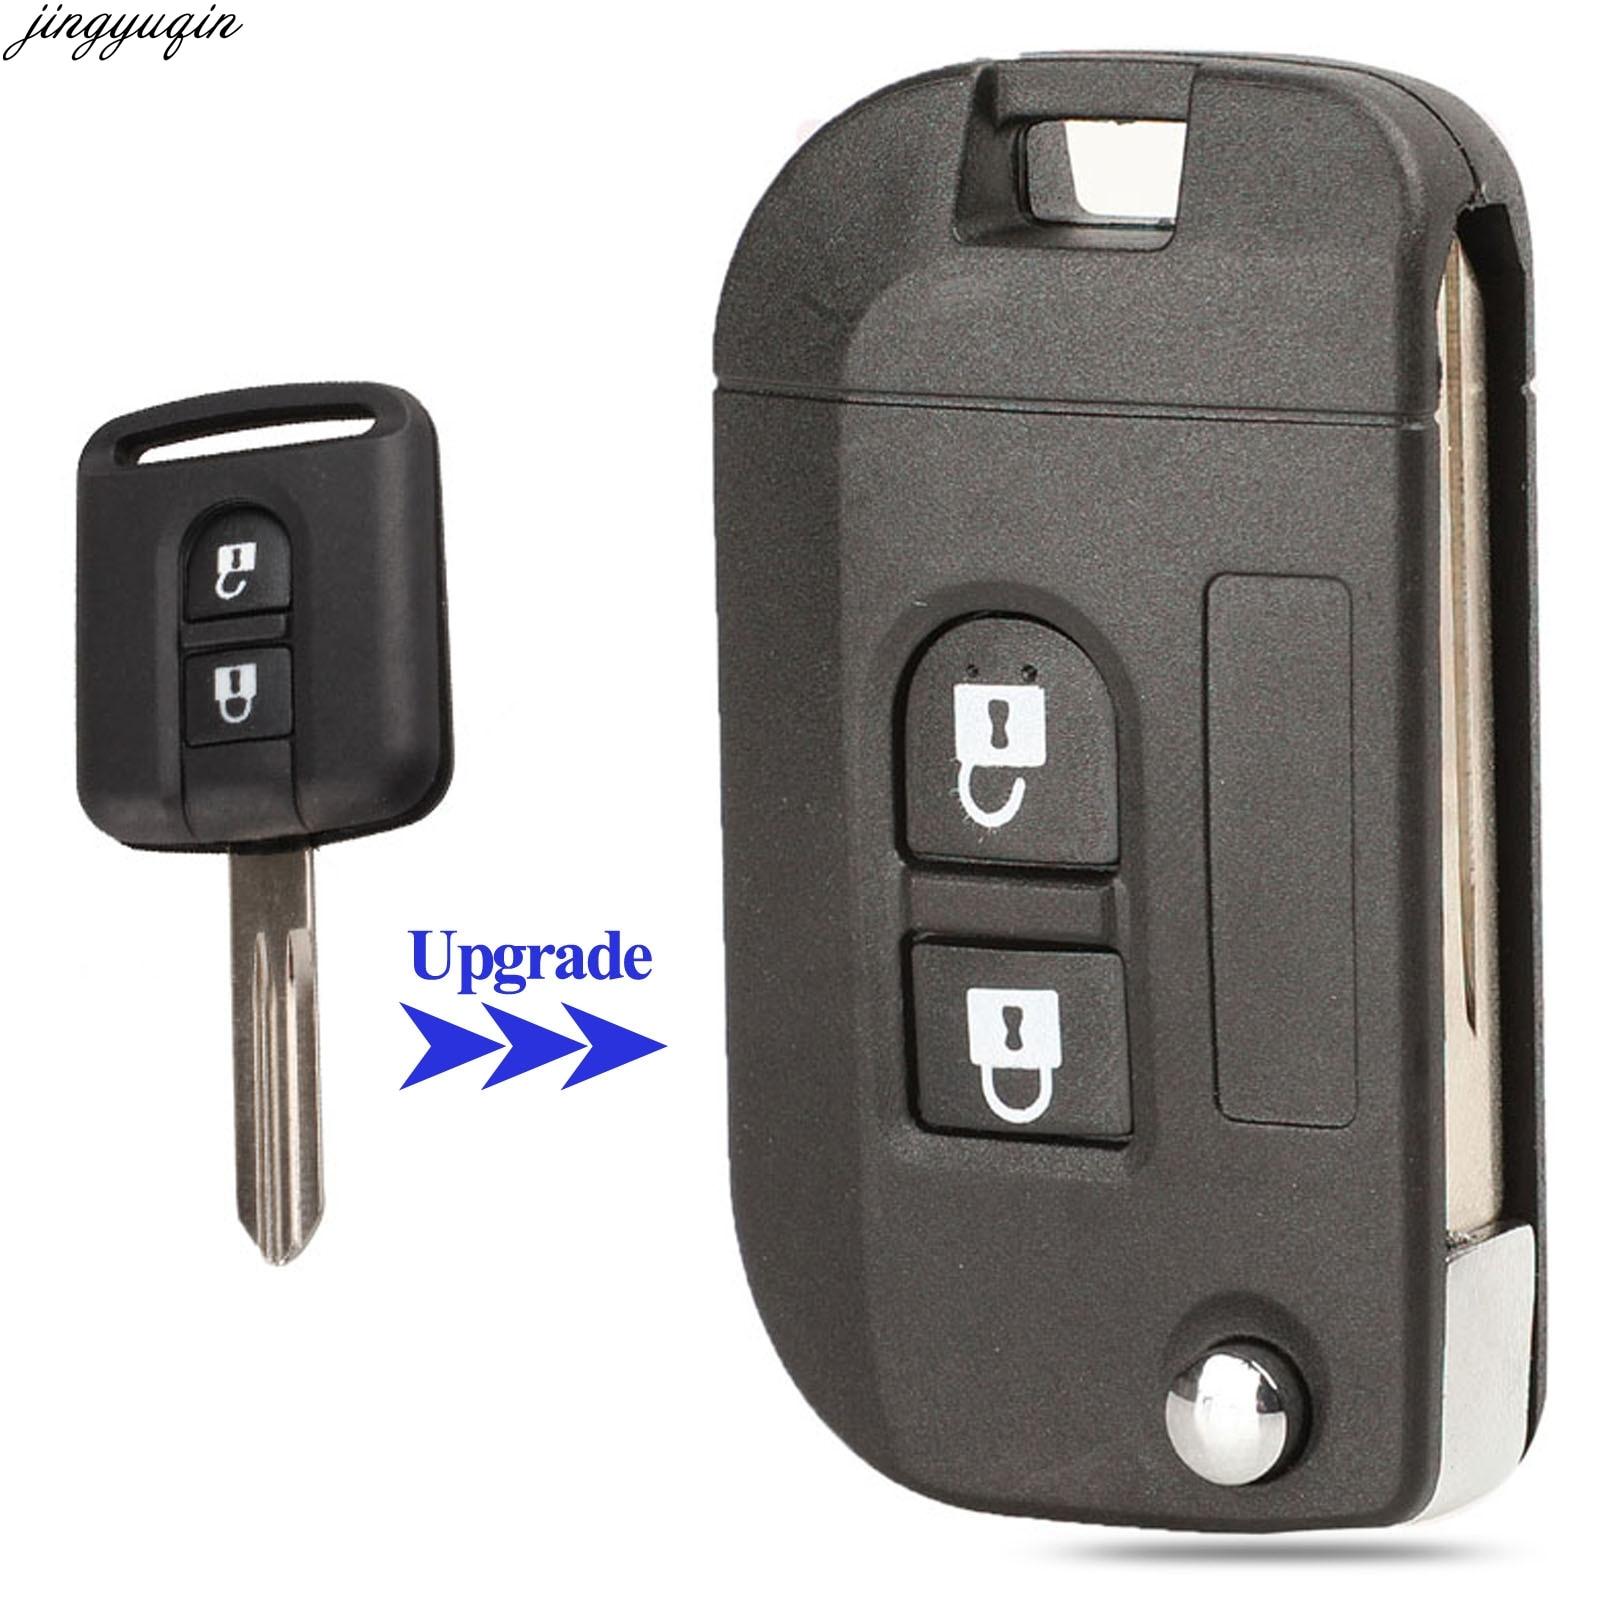 Jingyuqin складной чехол для автомобильного ключа с дистанционным управлением обновленный чехол для Nissan Qashqai первоклассная Micra Navara Almera Note Sunny 2 к...